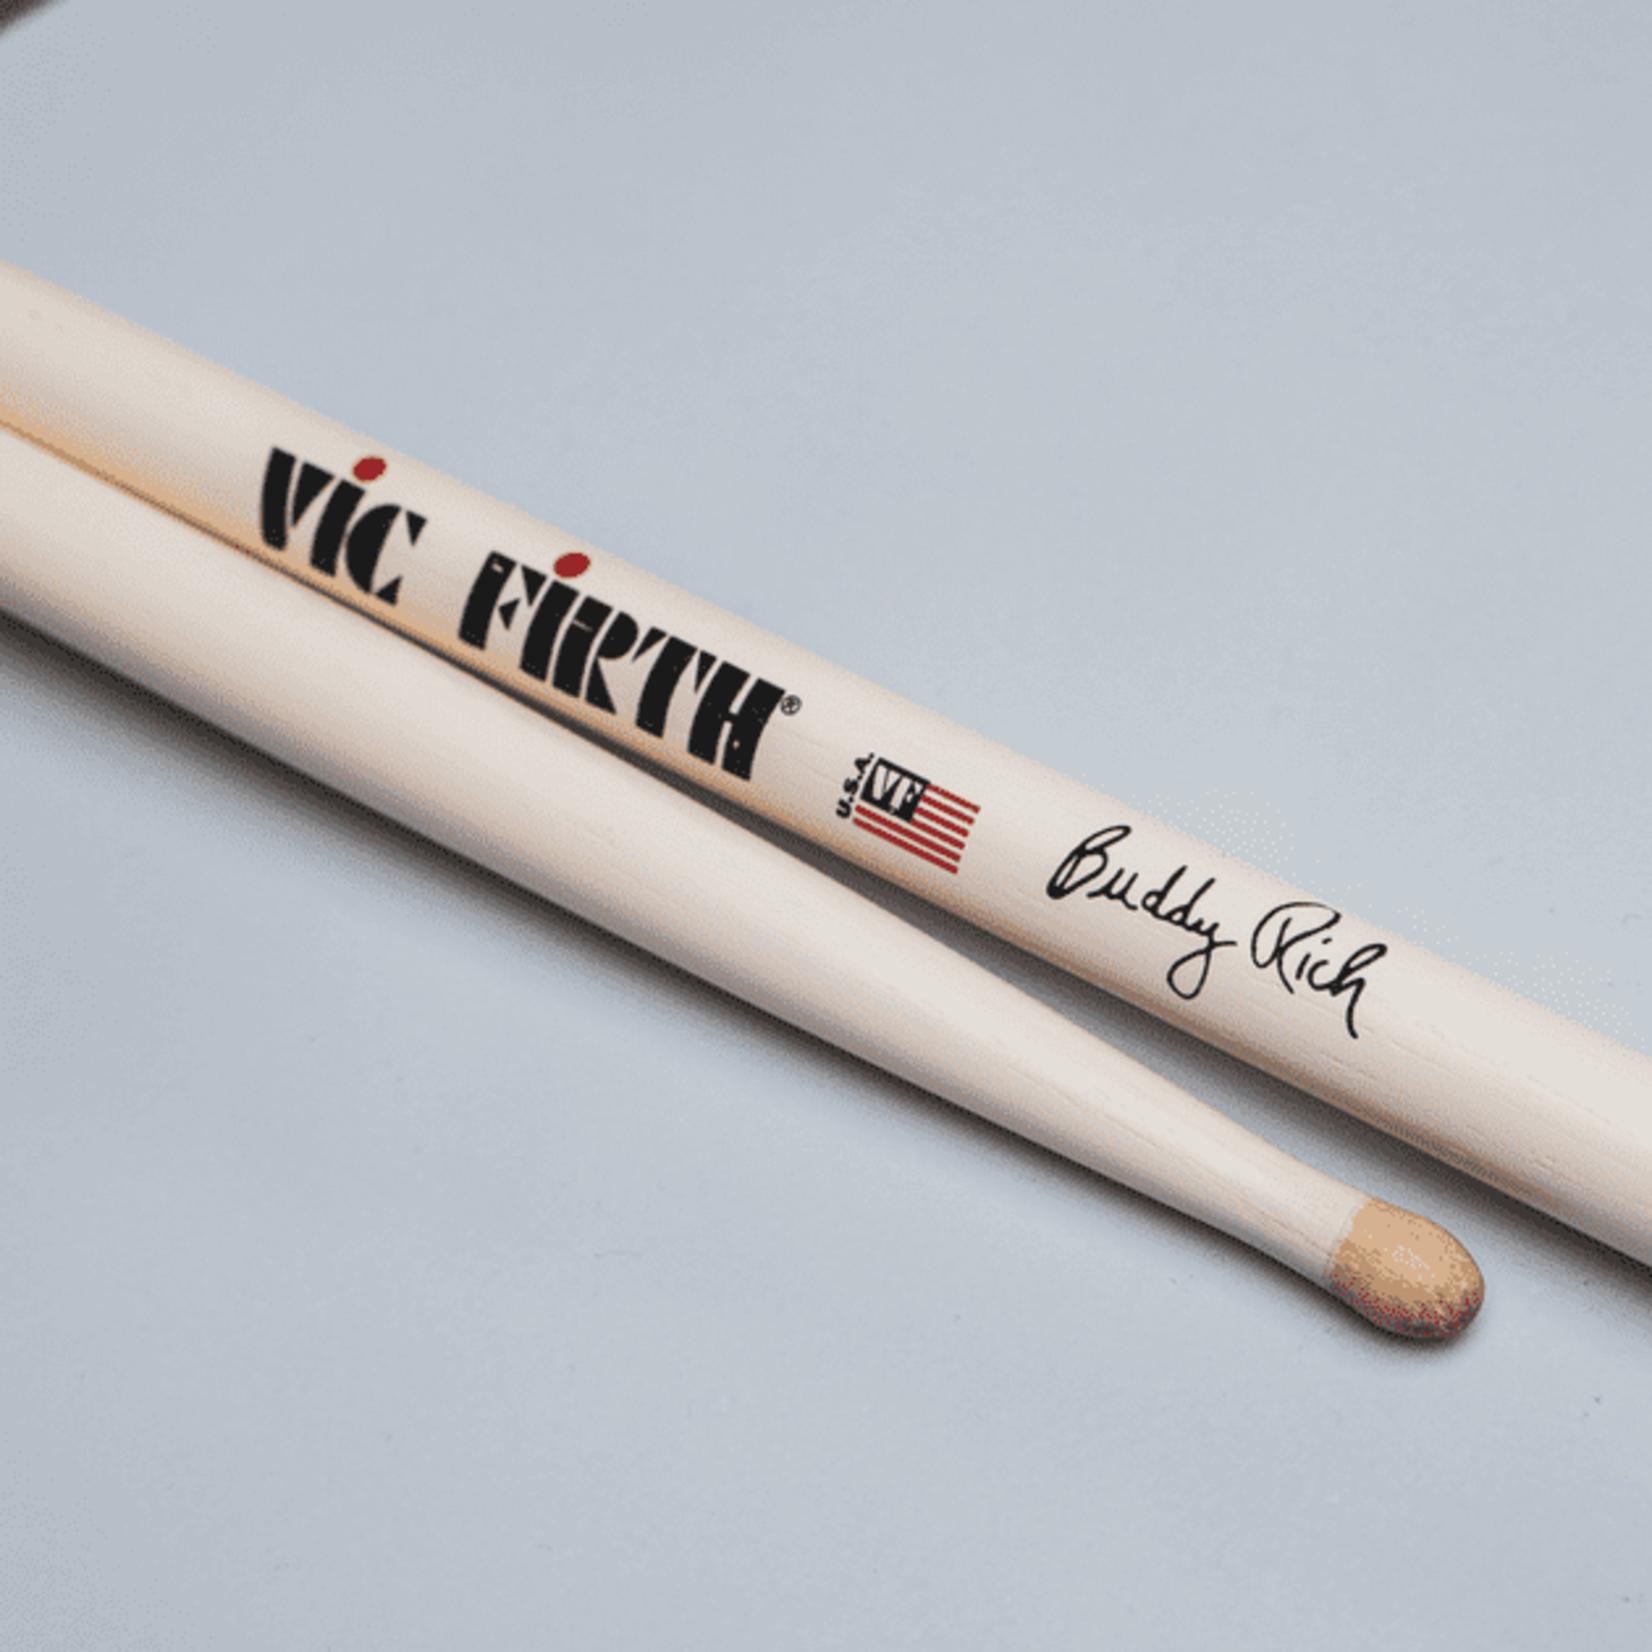 Vic Firth VIC FIRTH SIGNATURE SERIES BUDDY RICH WOOD TIP (PAIR)